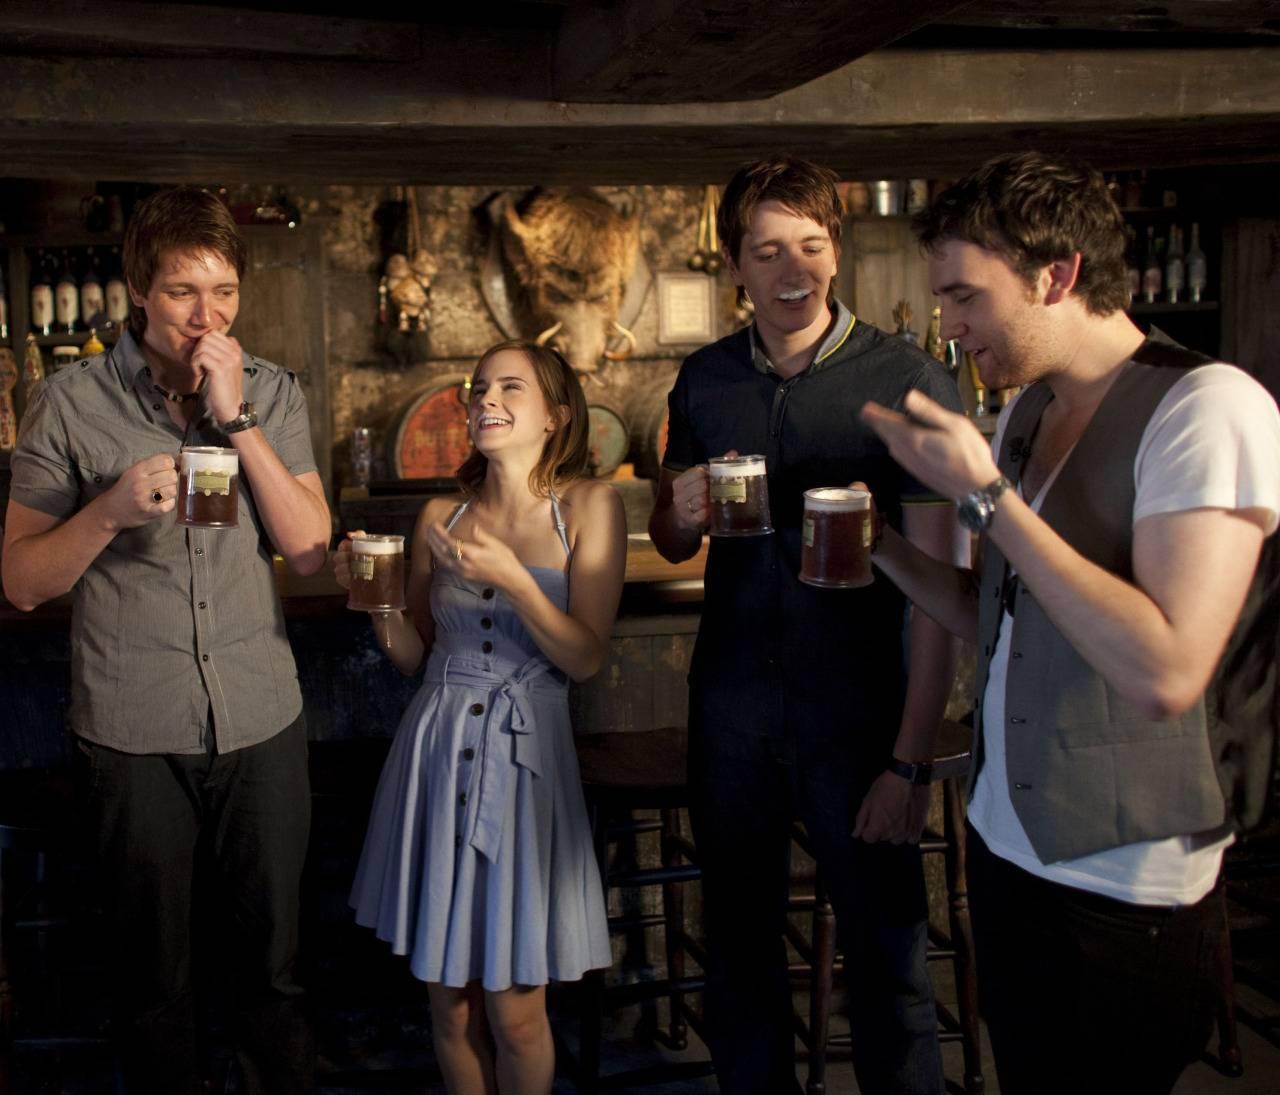 Сливочное пиво: рецепт из гарри поттера, как сделать безалкогольный и алкогольный напиток в домашних условиях